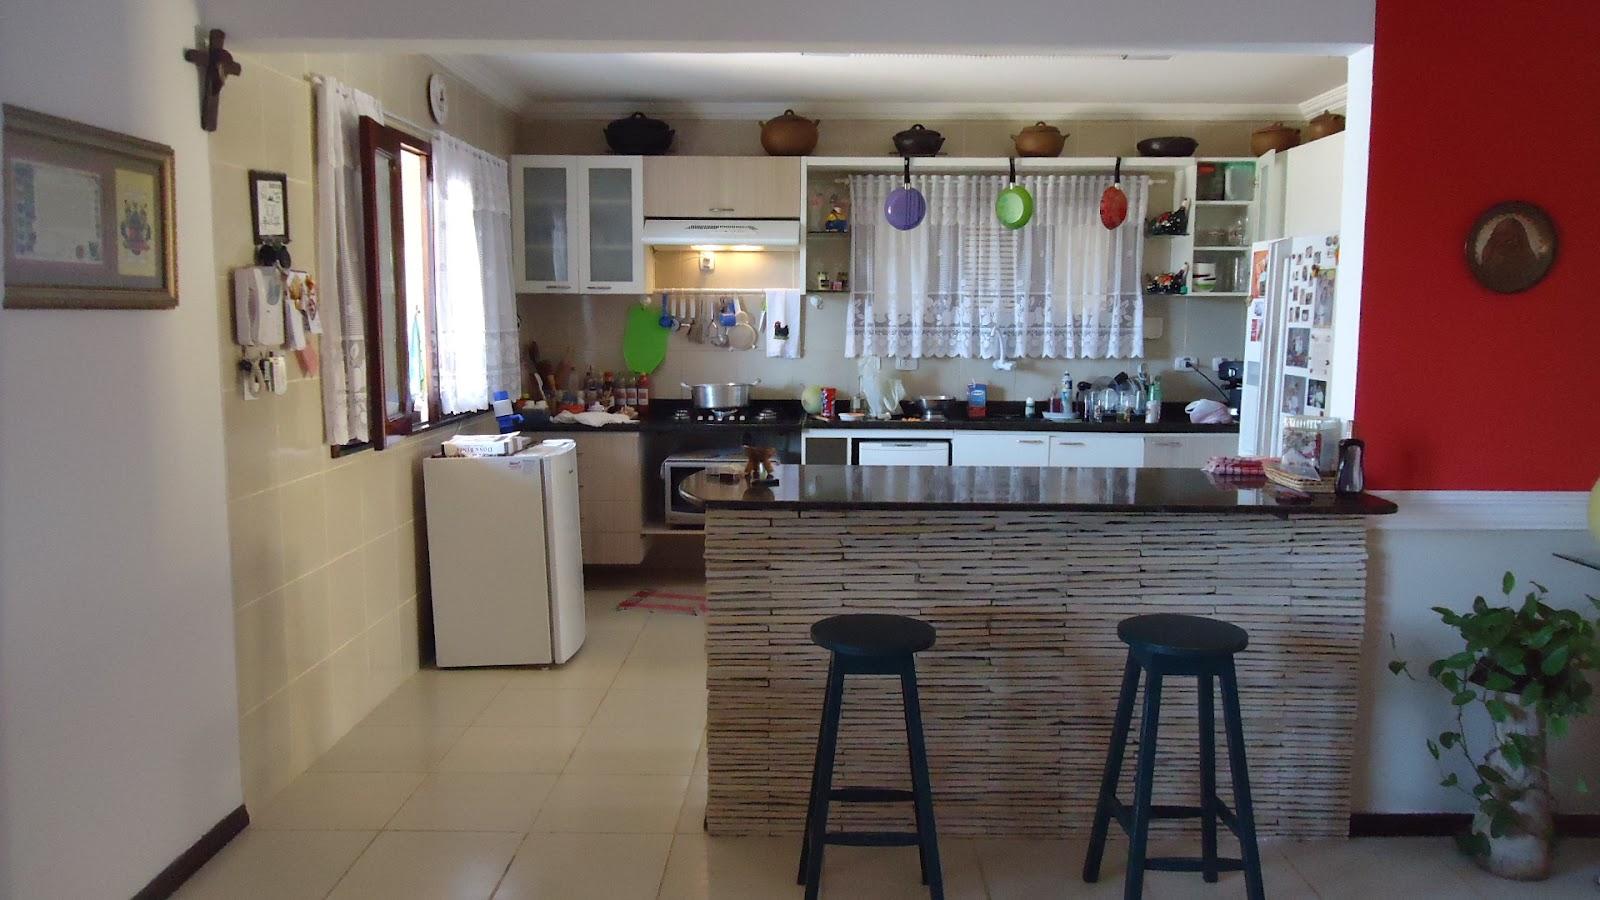 PEQUENAS IDEIAS GRANDES COISAS : Balcão da cozinha #6C2825 1600 900